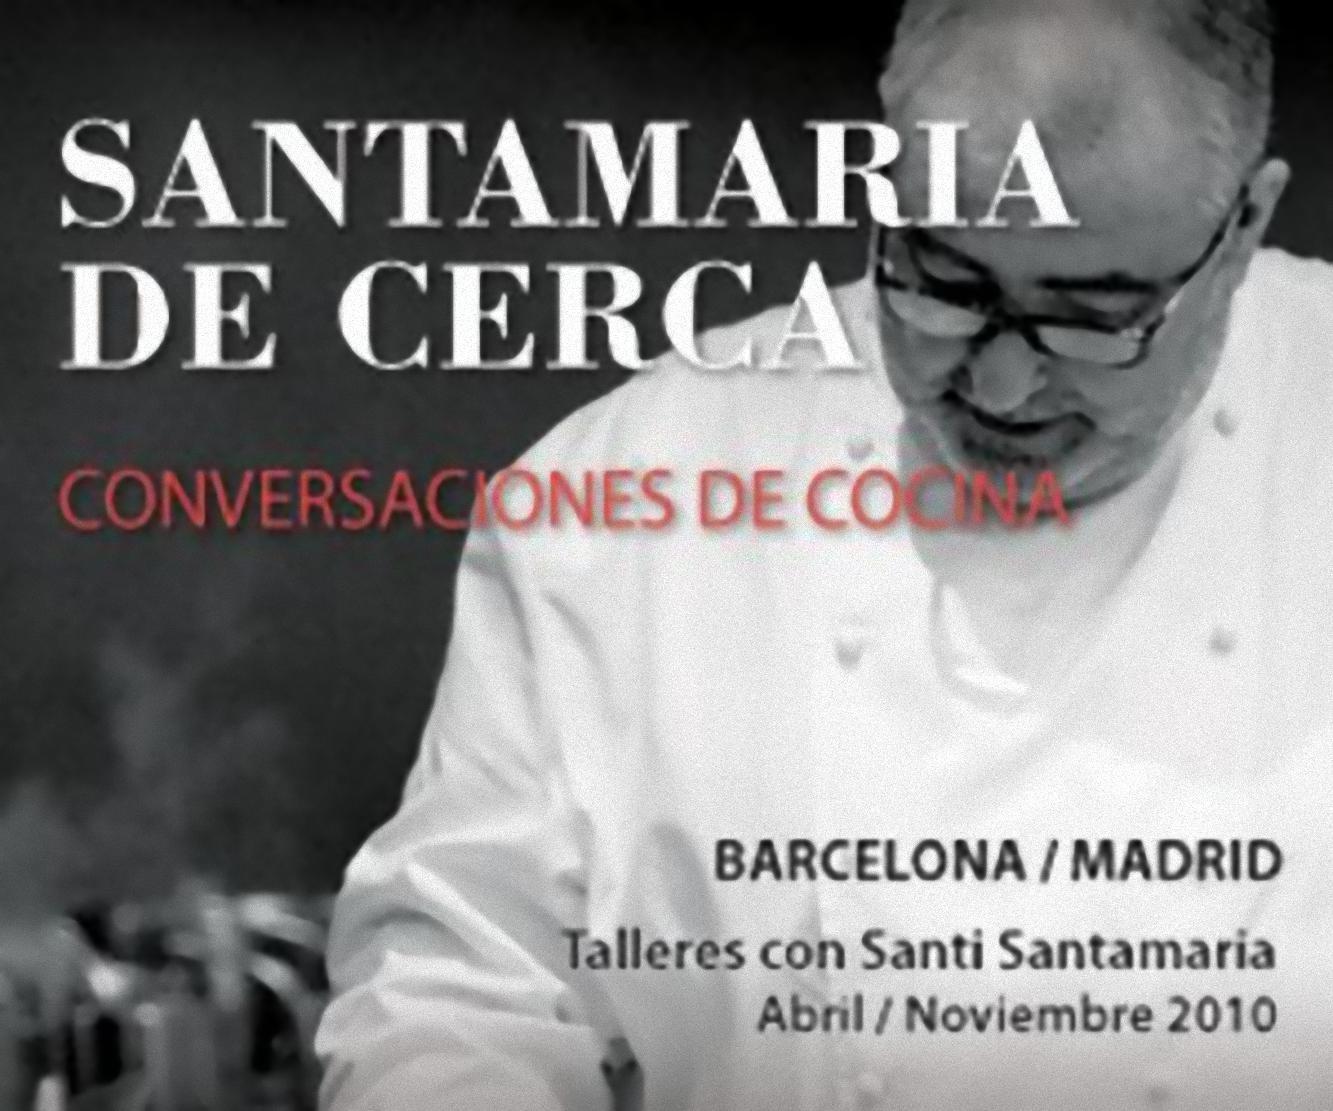 Cartel del Ciclo Santamaría de Cerca – Conversación y Cocina